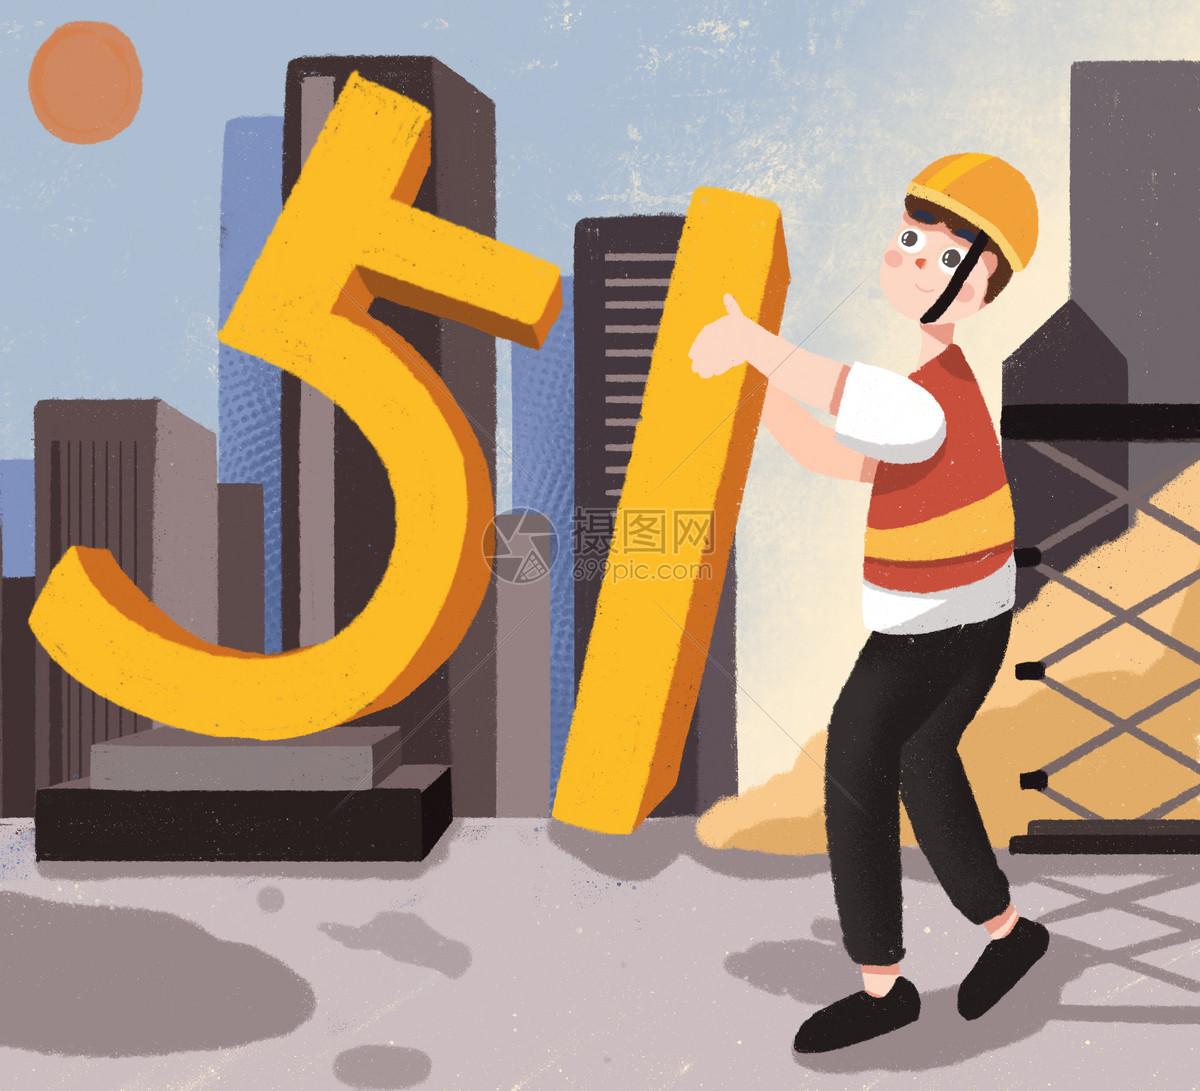 卡通简洁劳动节插画图片